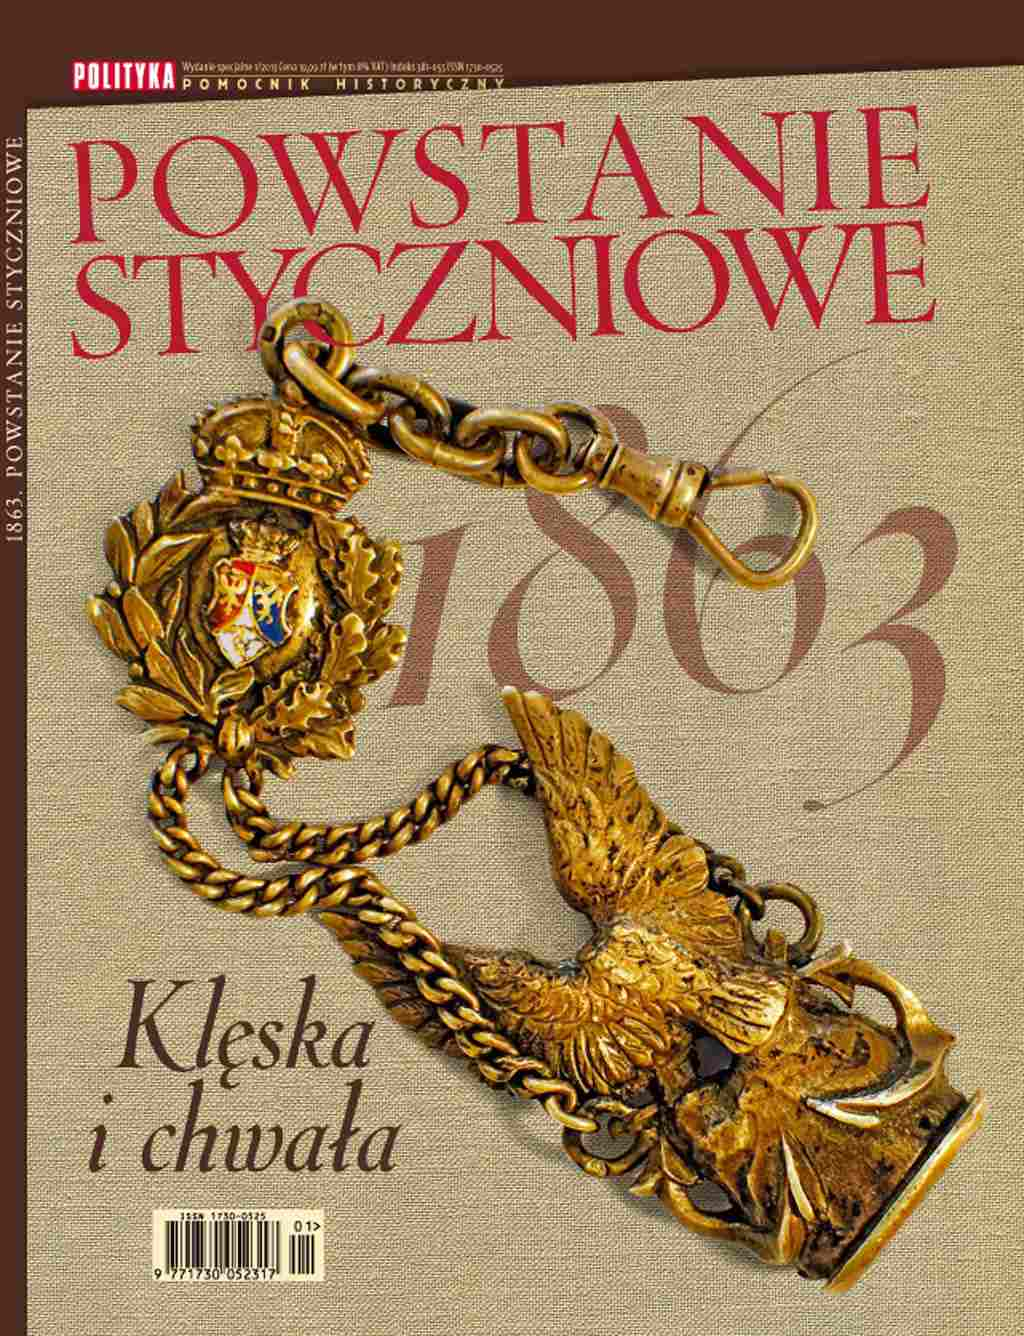 Pomocnik Historyczny: Powstanie Styczniowe - Ebook (Książka PDF) do pobrania w formacie PDF